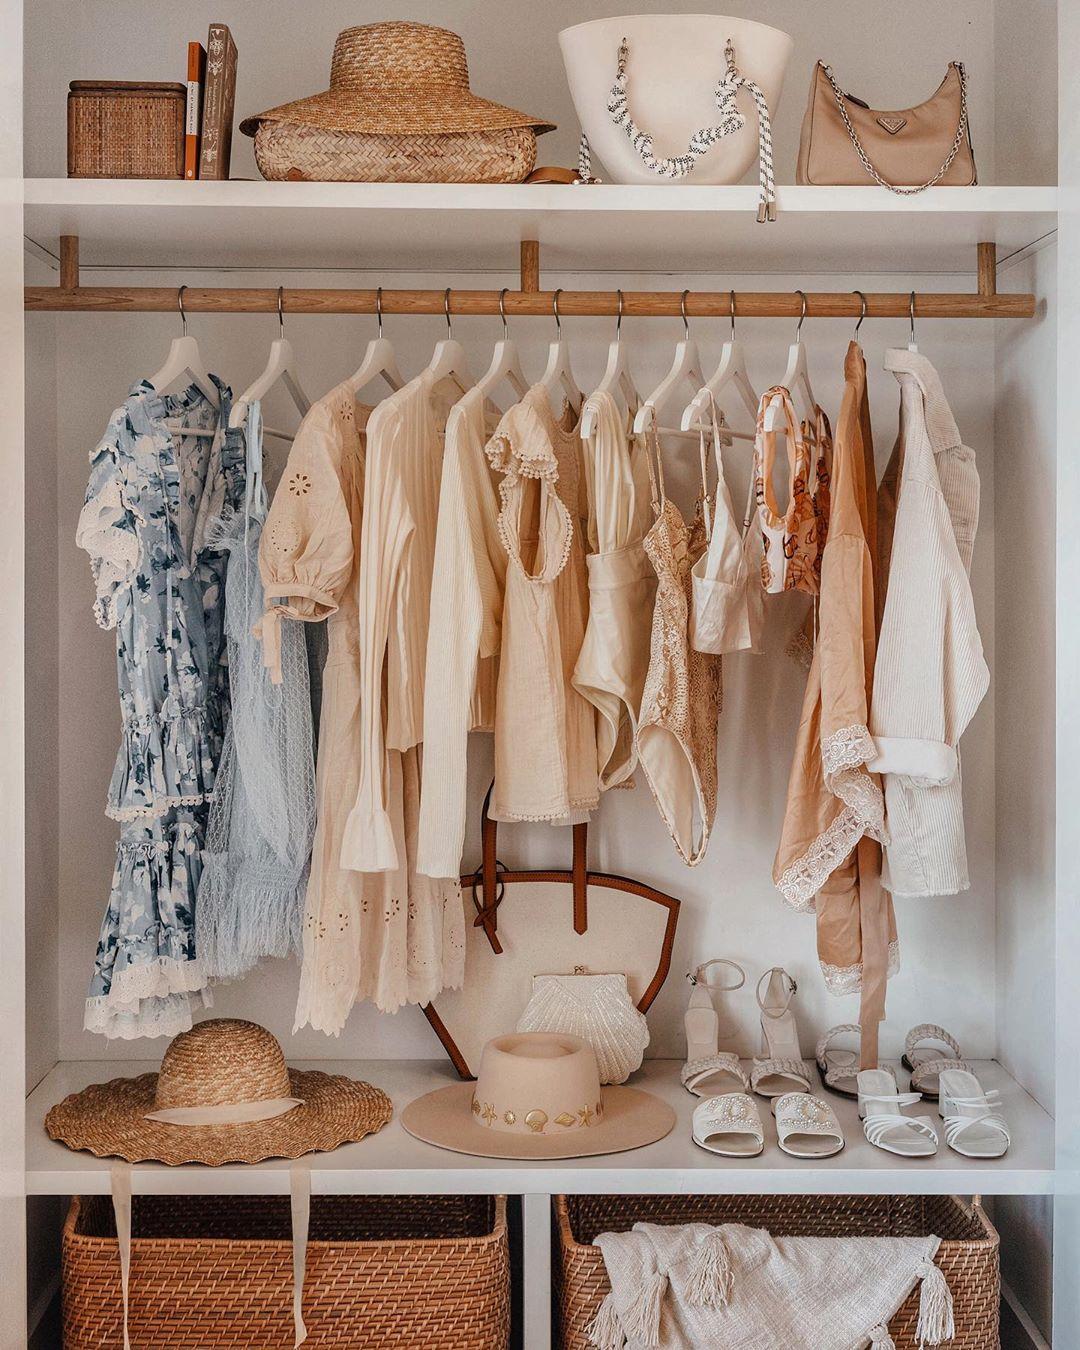 Sắp xếp lại tủ quần áo trước khi mua đồ second hand